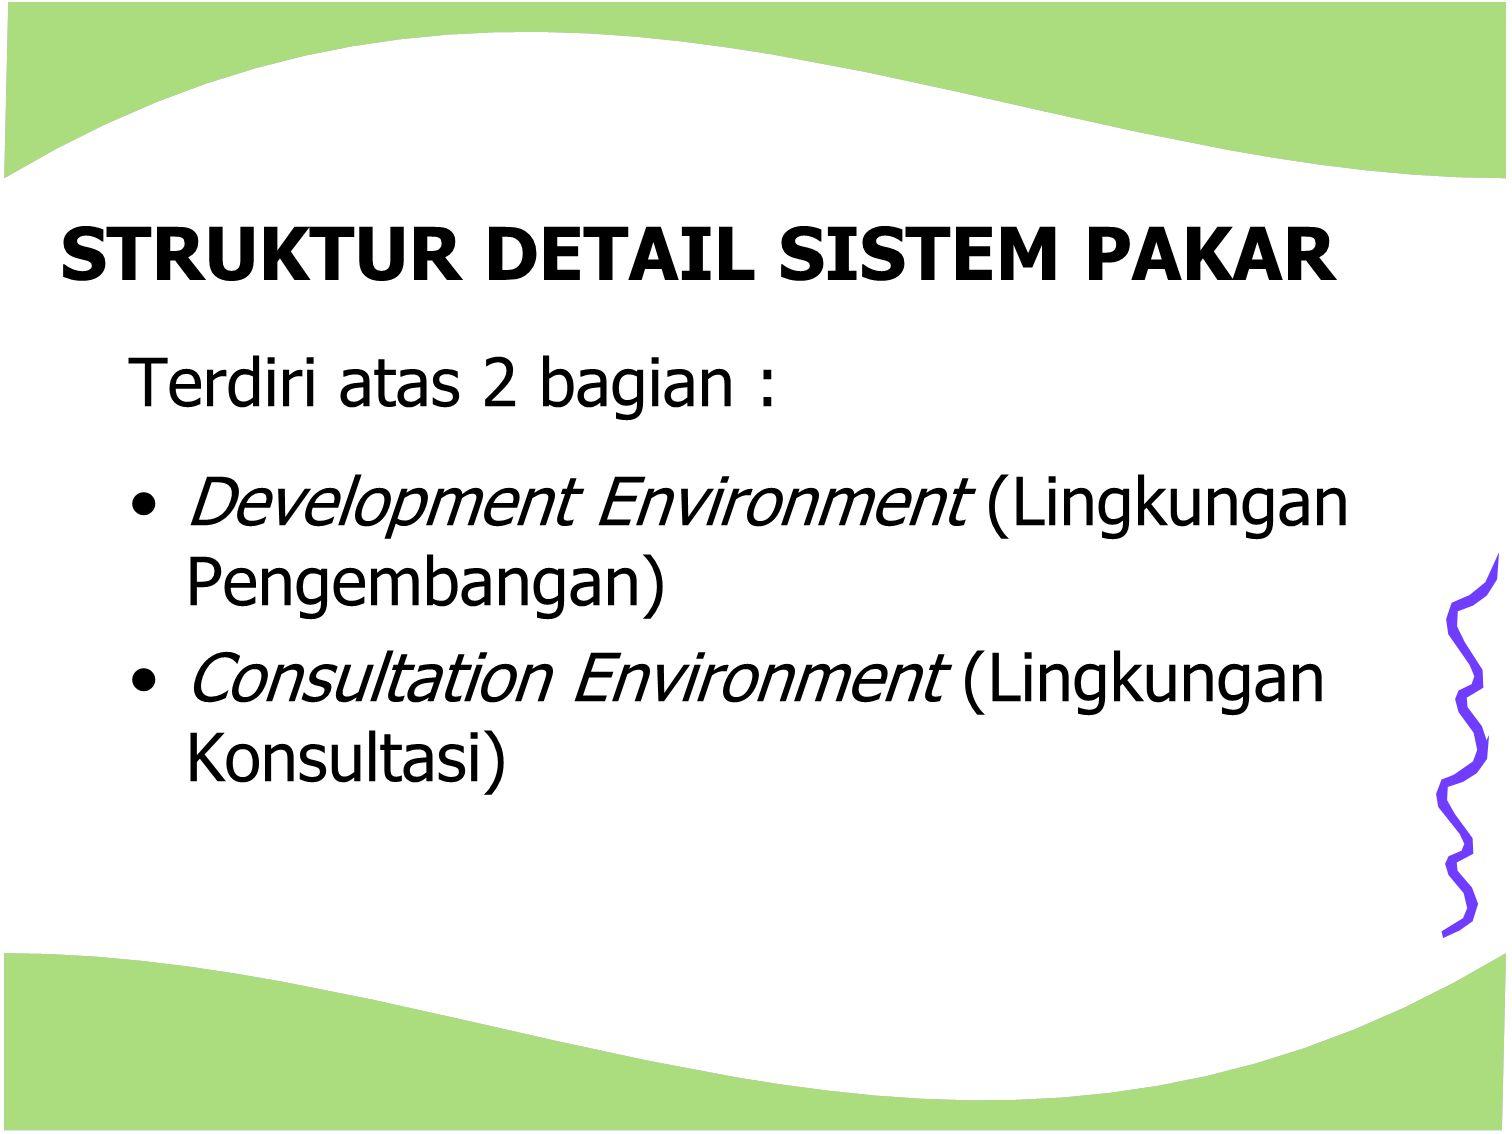 STRUKTUR DETAIL SISTEM PAKAR Terdiri atas 2 bagian : Development Environment (Lingkungan Pengembangan) Consultation Environment (Lingkungan Konsultasi